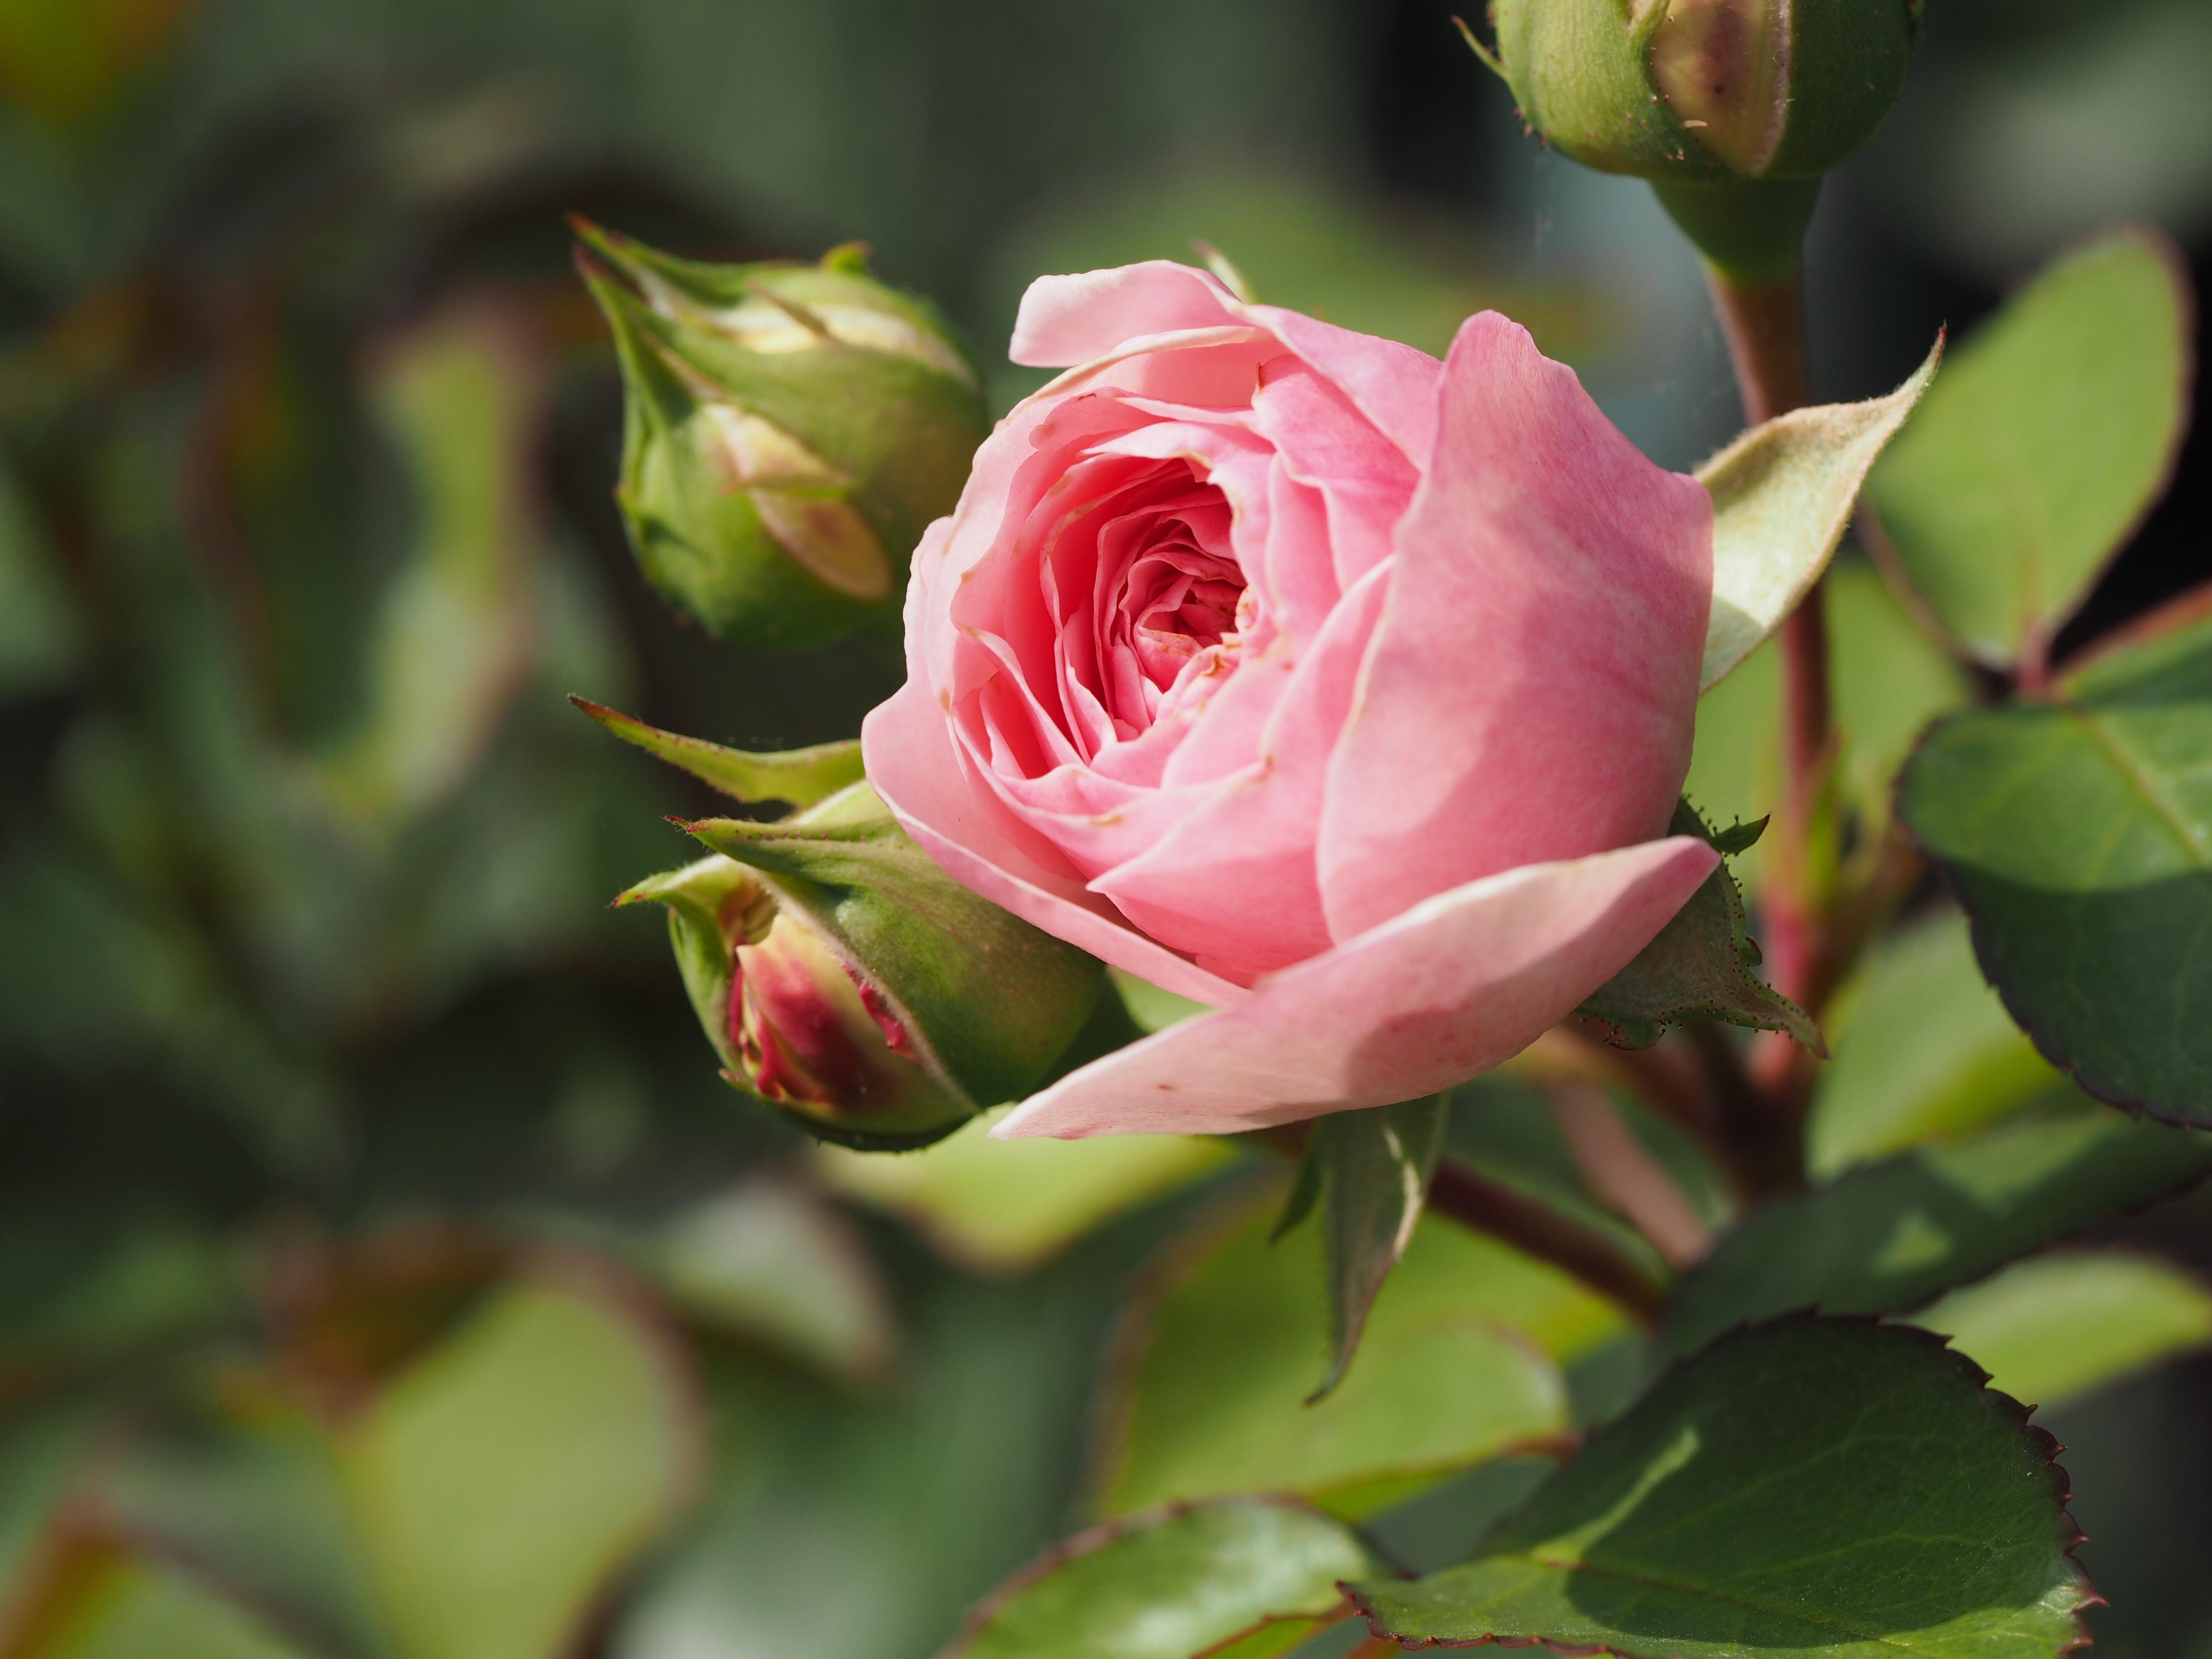 Inspiratieavond: Verdriet, keerzijde van de liefde